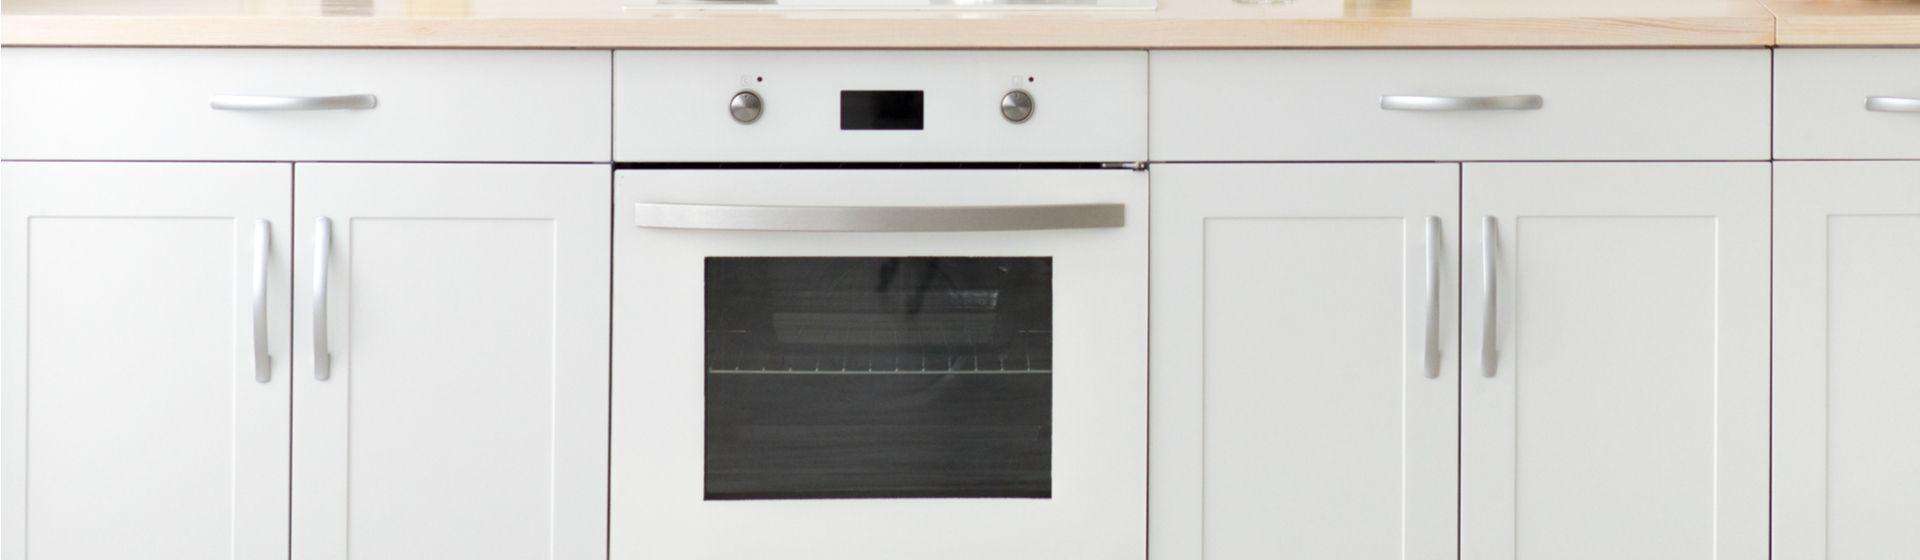 Melhor fogão de embutir em 2021: veja a seleção